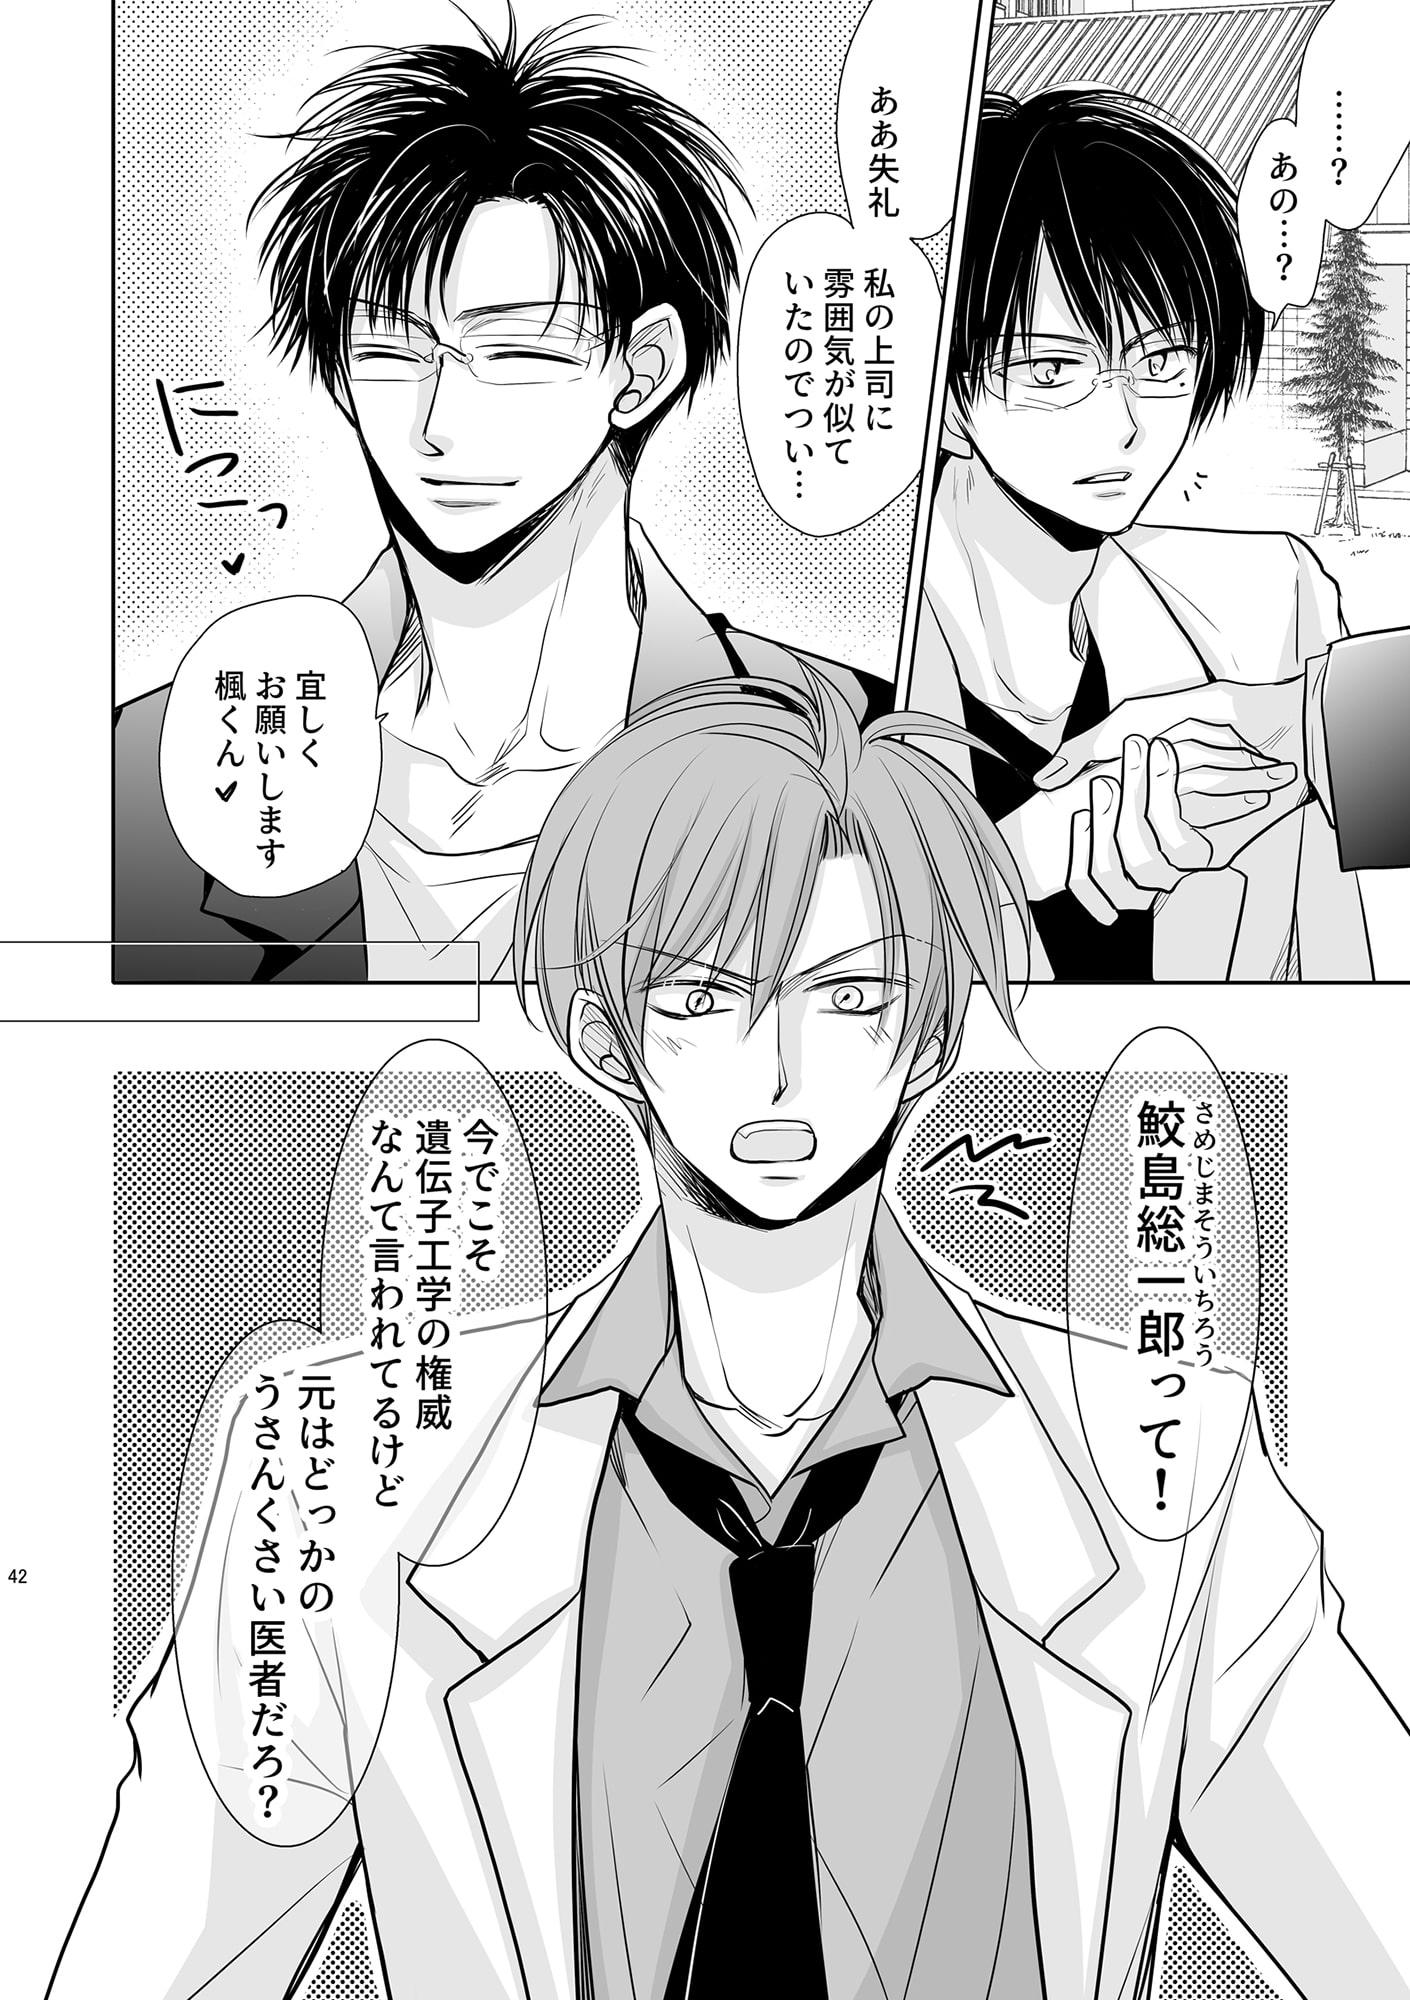 ちんちんvまんまん~クリちんぽ快楽3Pスペシャル~【18禁版】